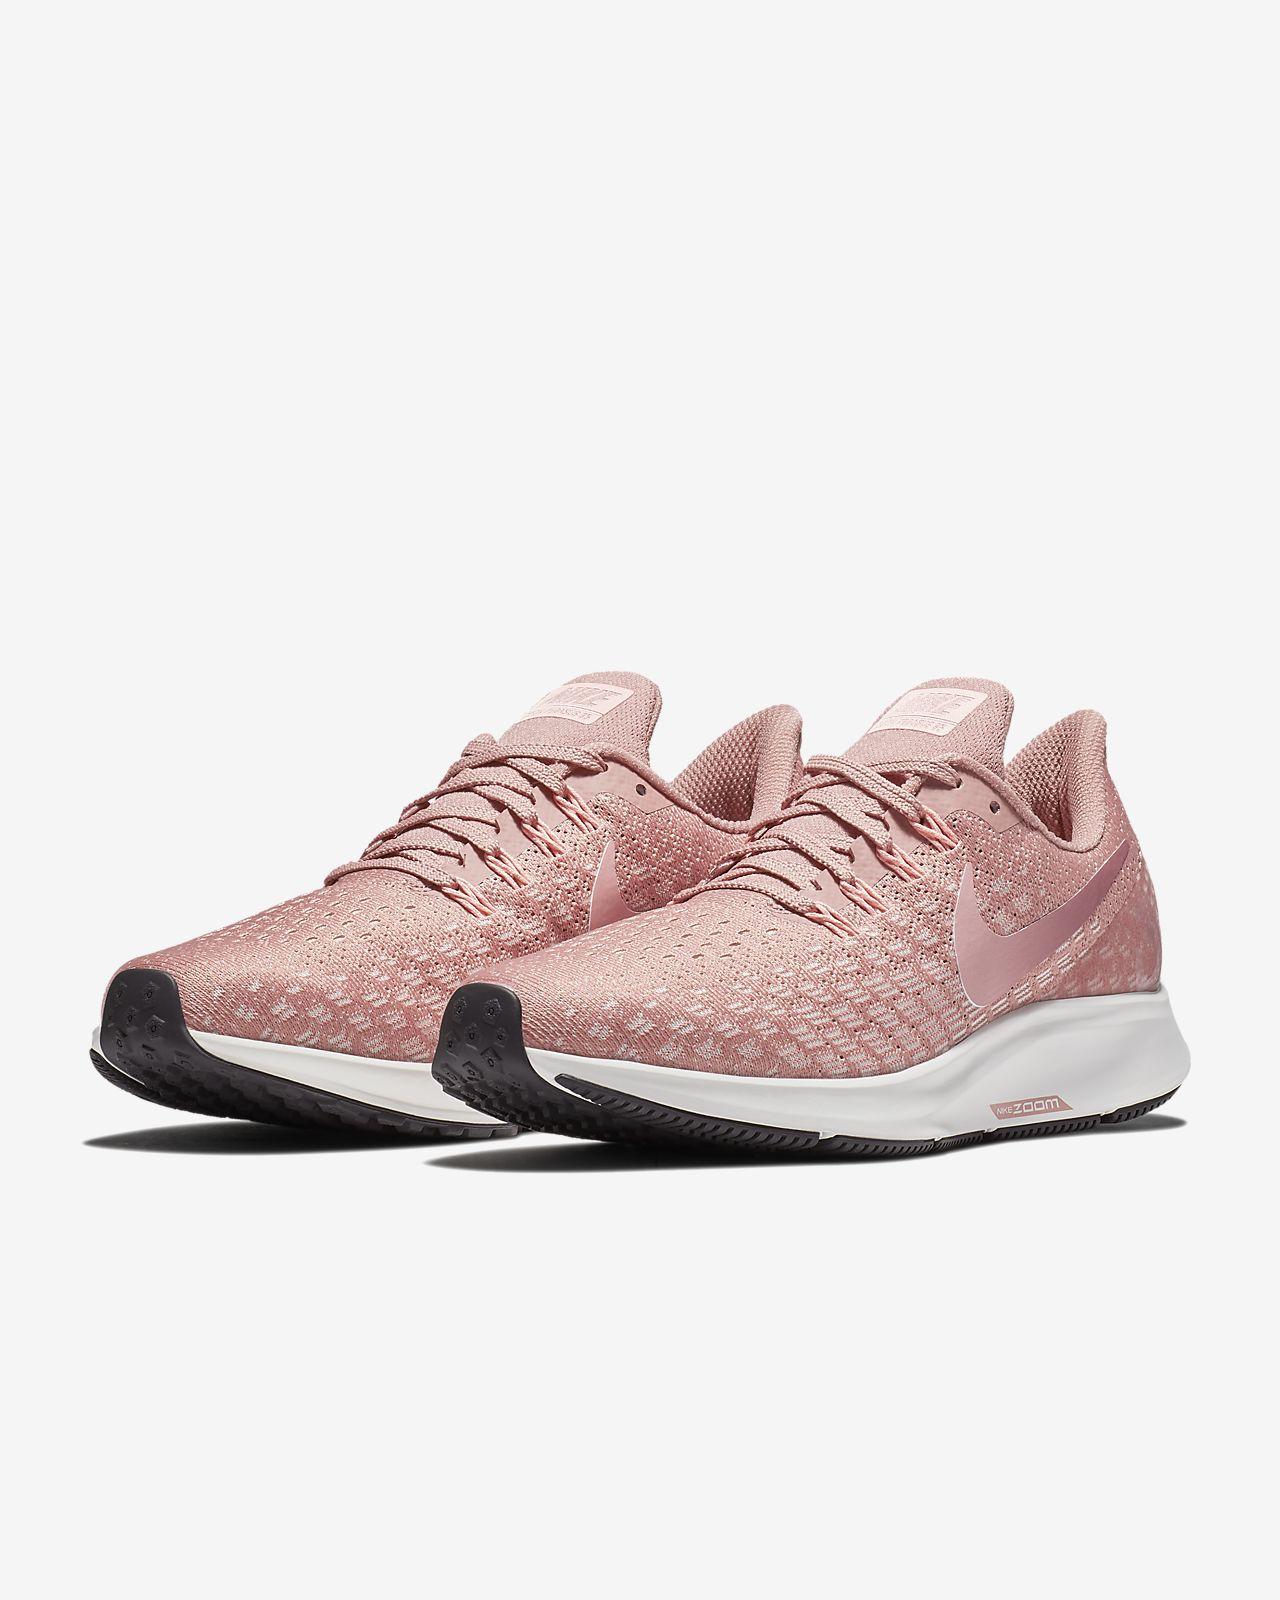 nike air pegasus pink Online Shopping for Women, Men, Kids